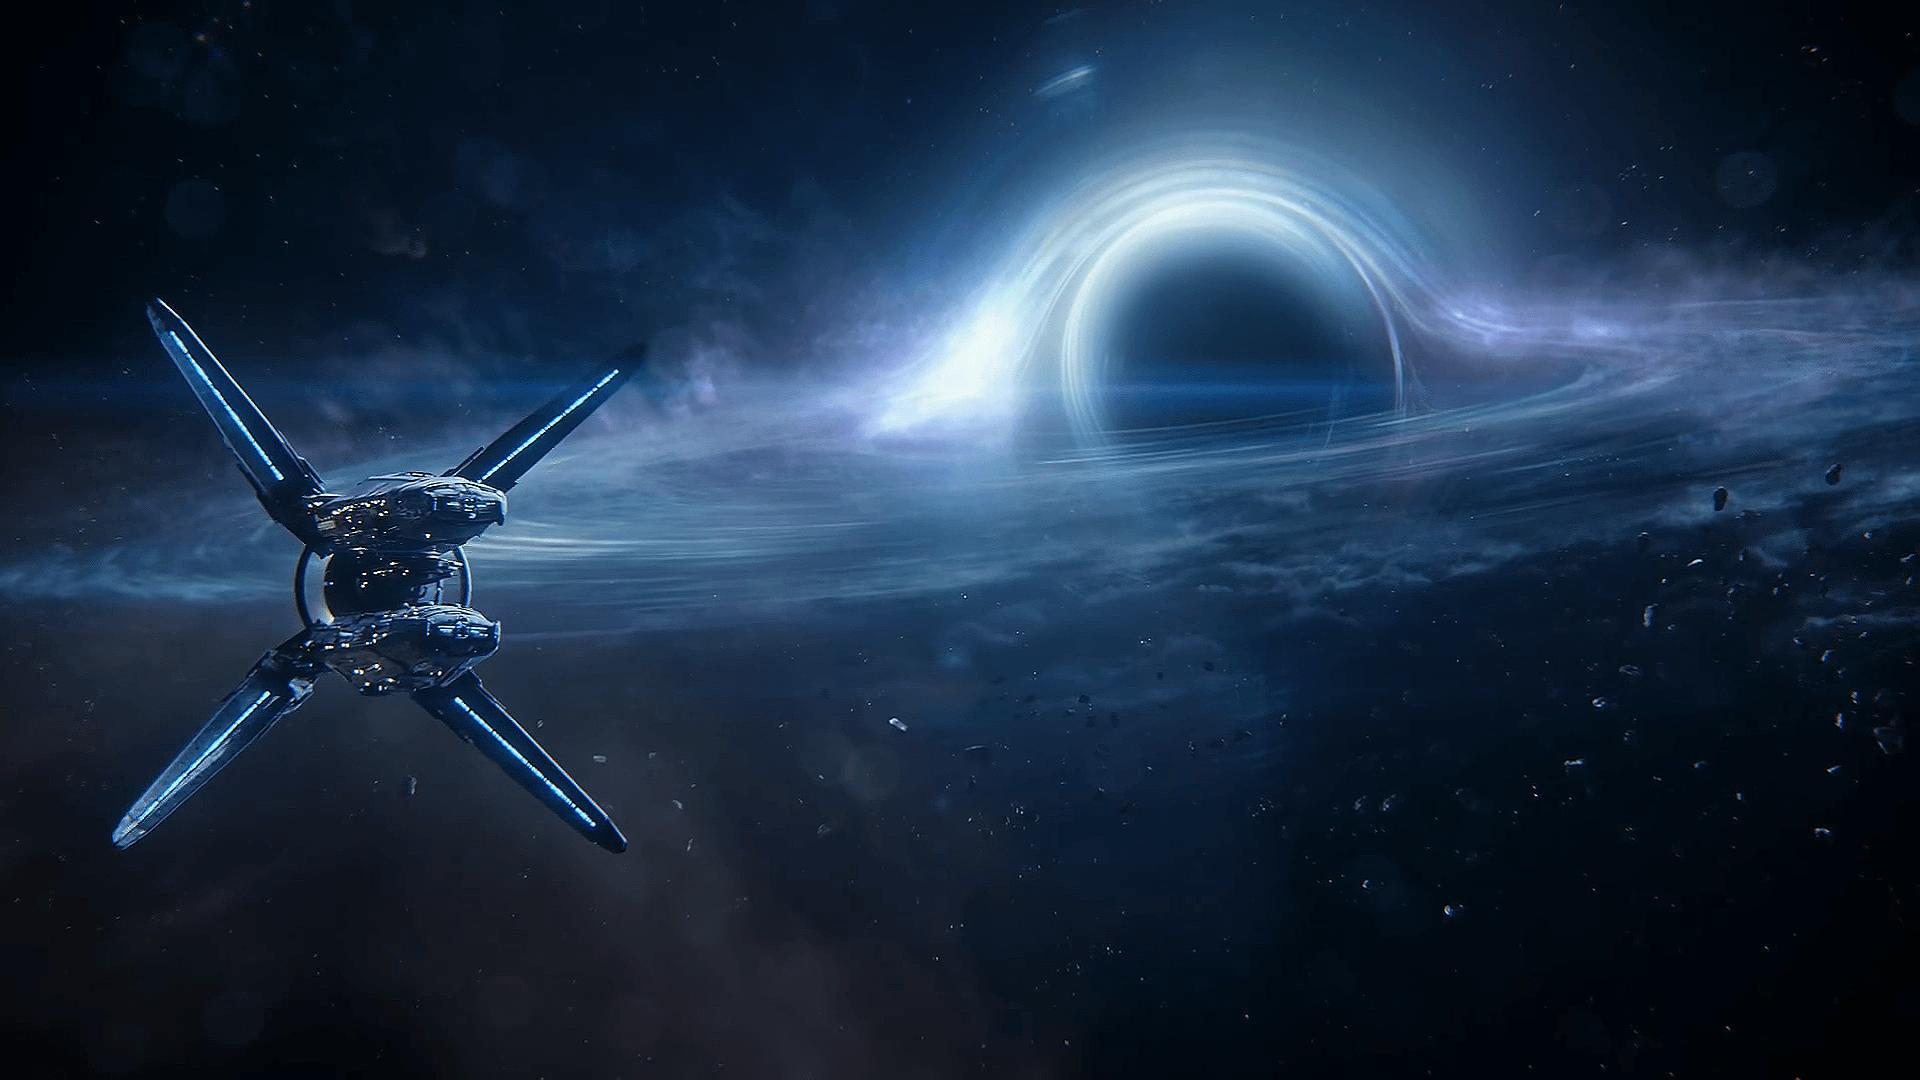 4k Mass Effect Wallpapers Top Free 4k Mass Effect Backgrounds